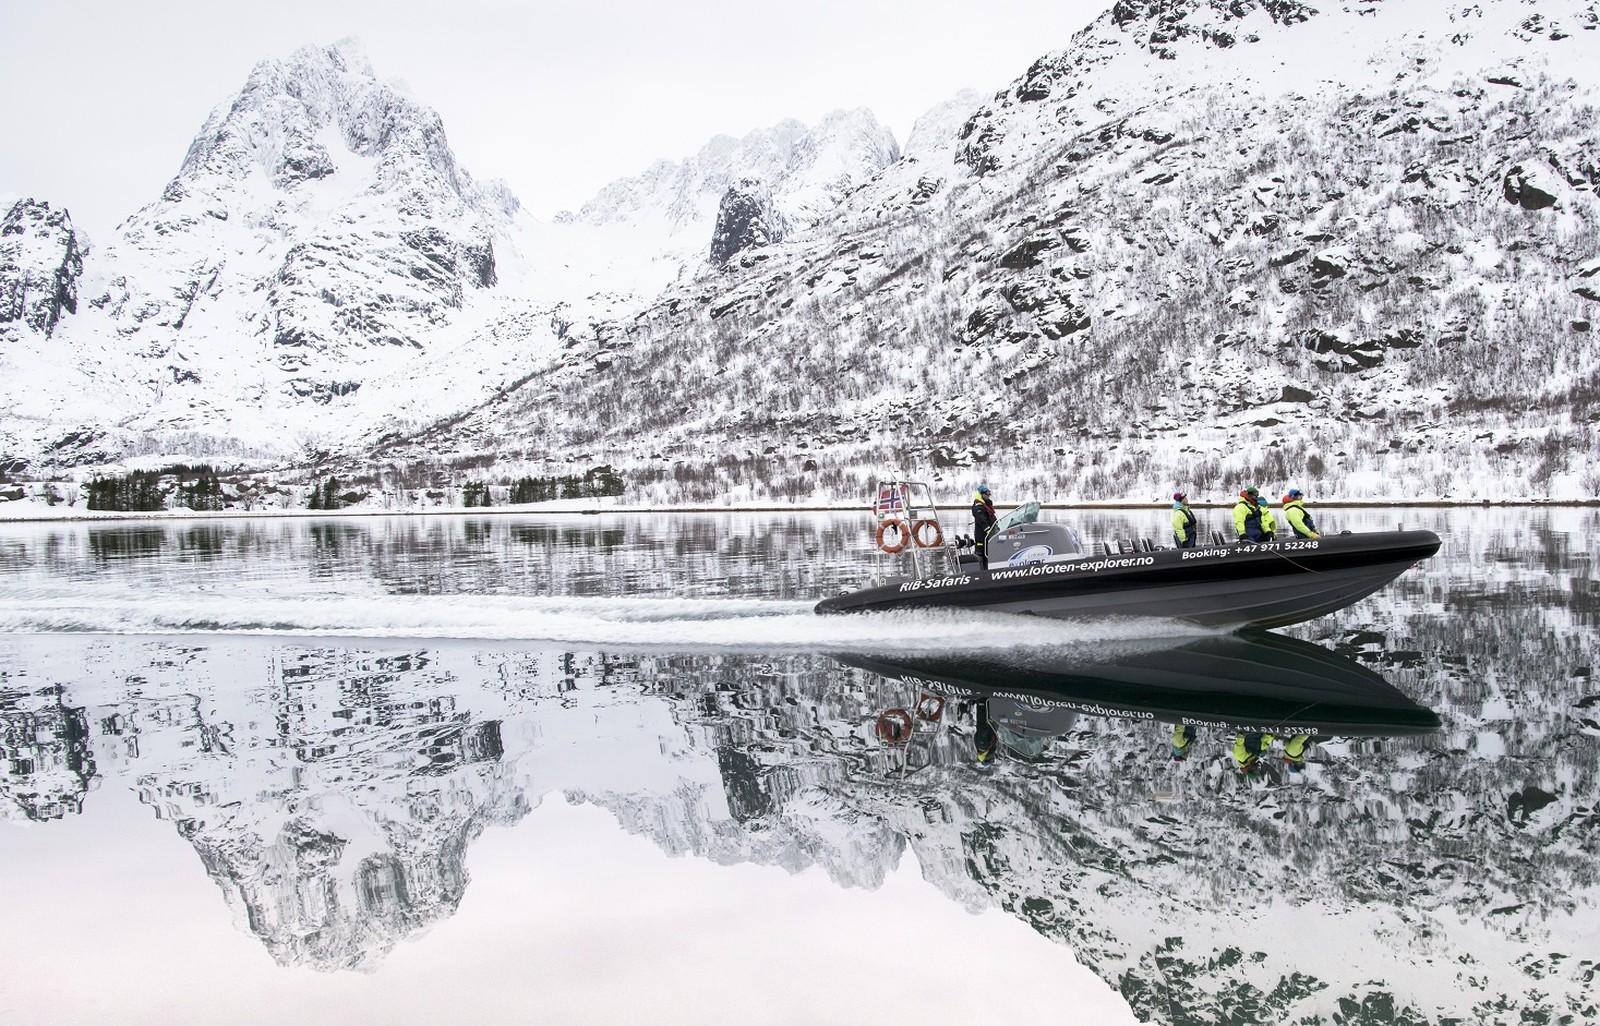 Noruega ficou em primeiro lugar na edição 2017 do ranking do Relatório Mundial da Felicidade (Foto: Cortesia de Visitnorway.com)